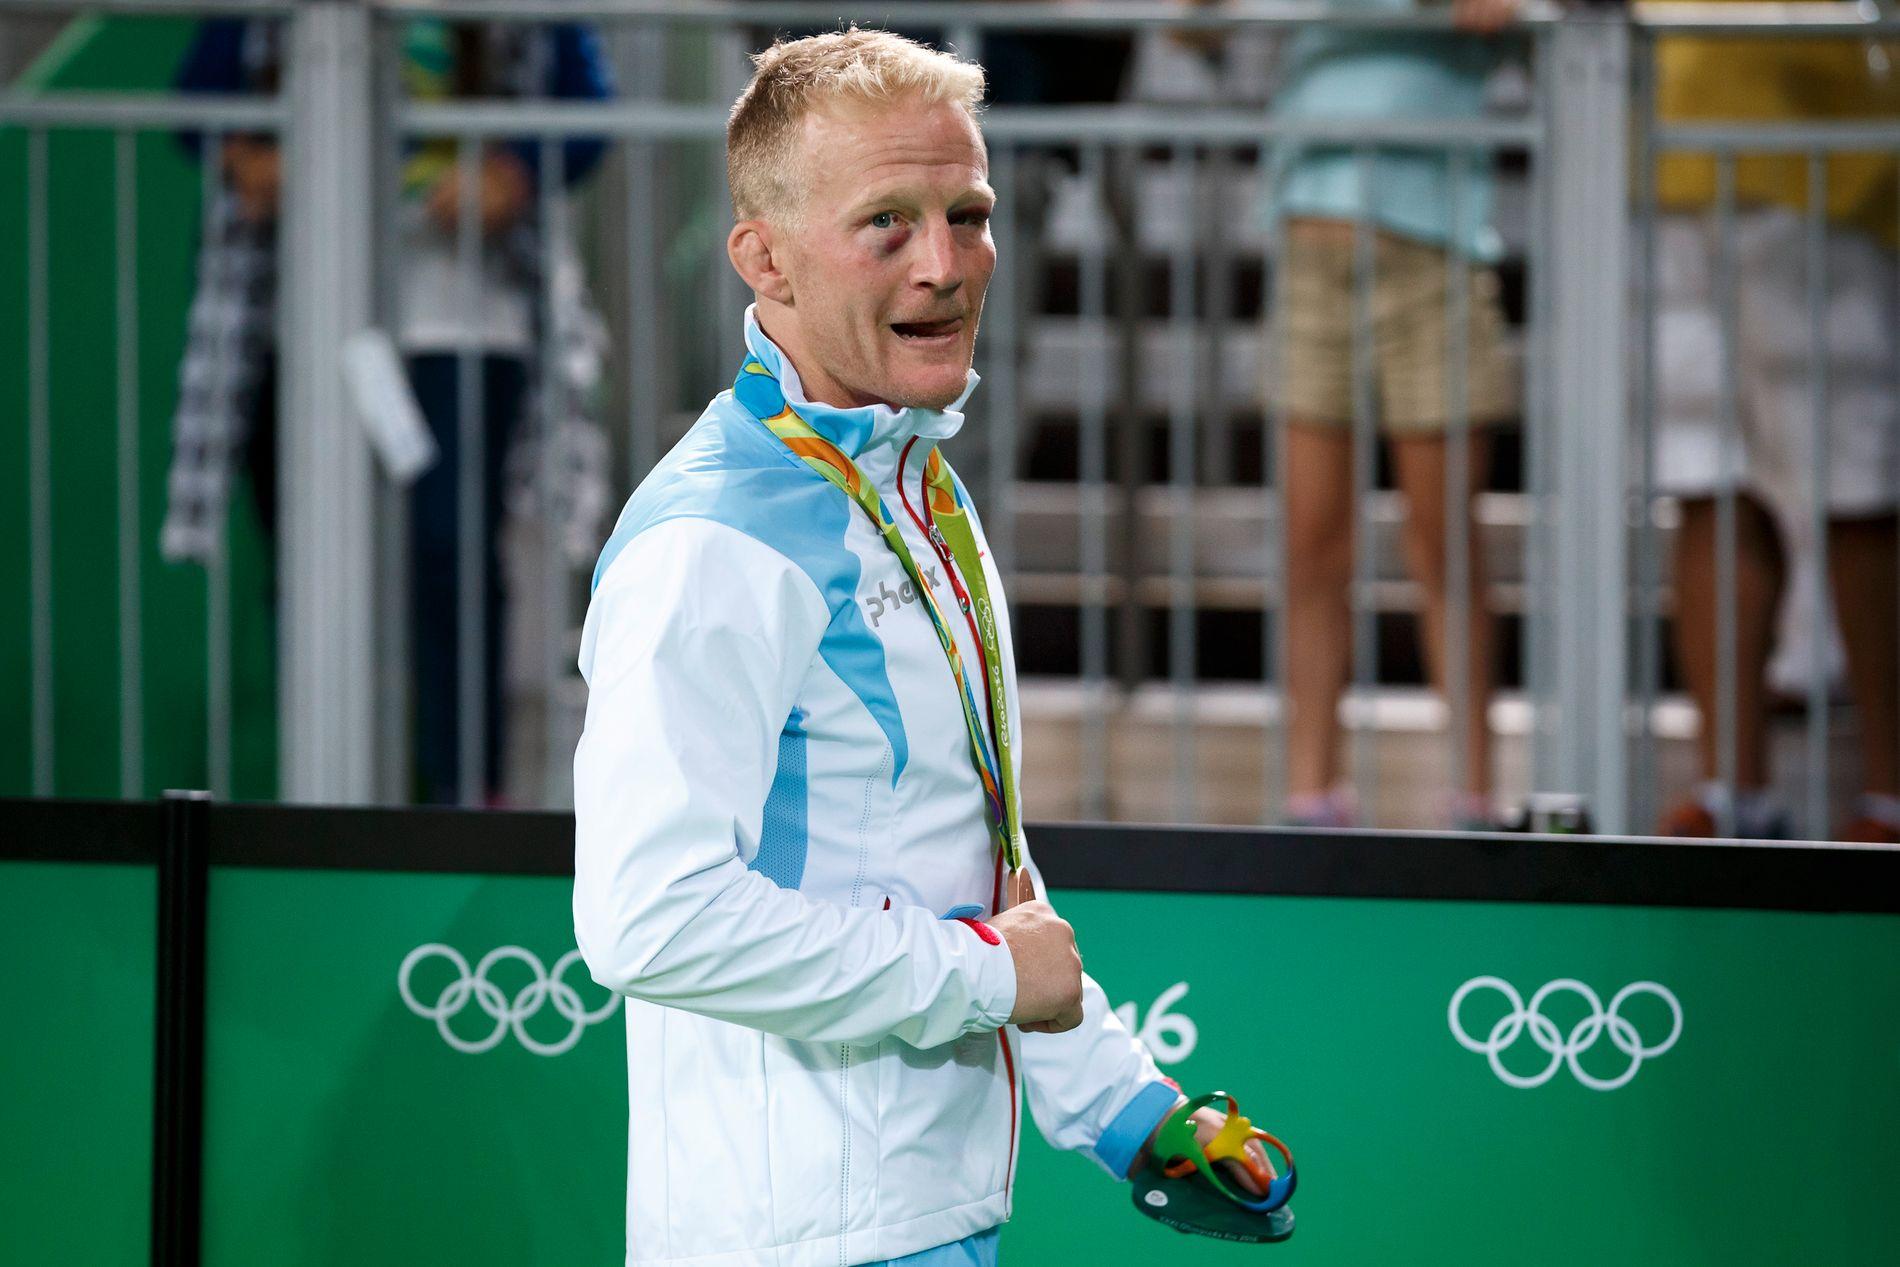 BRONSEGUTT: Stig-André Berge var rørt etter å ha vunnet bronse i 59 kg-klassen i Rio de Janeiro.